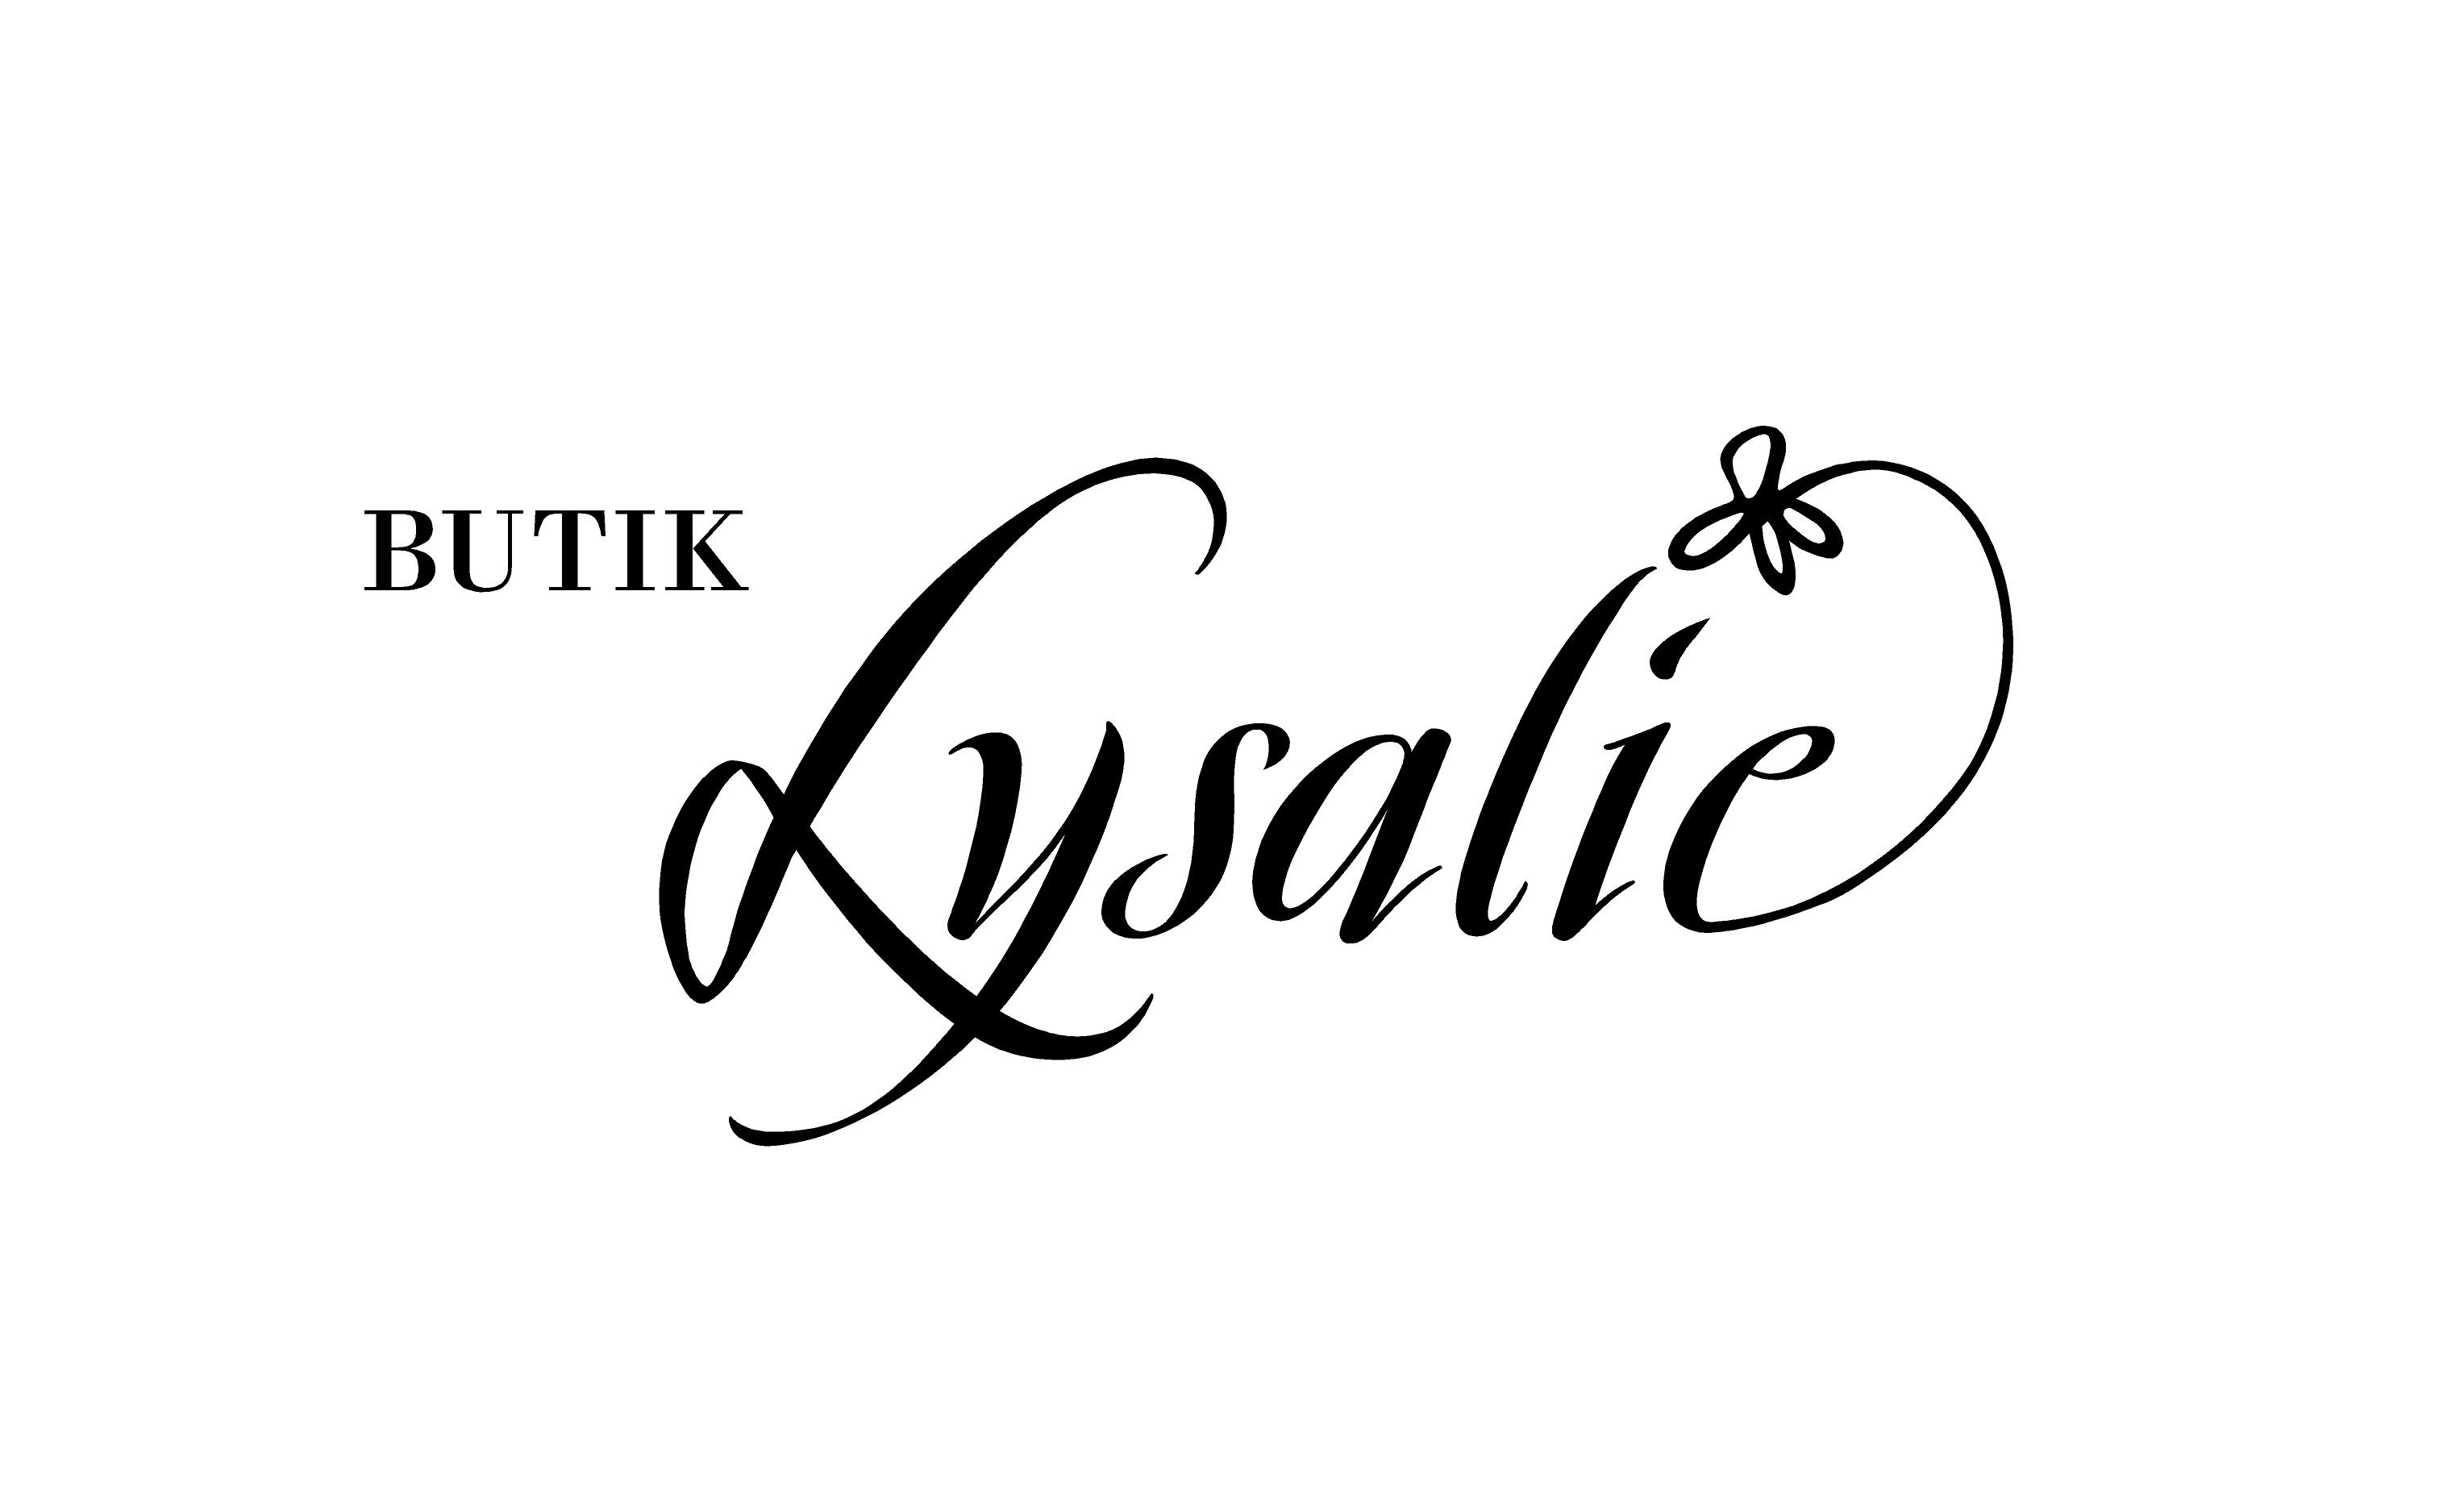 Butik Lysalie